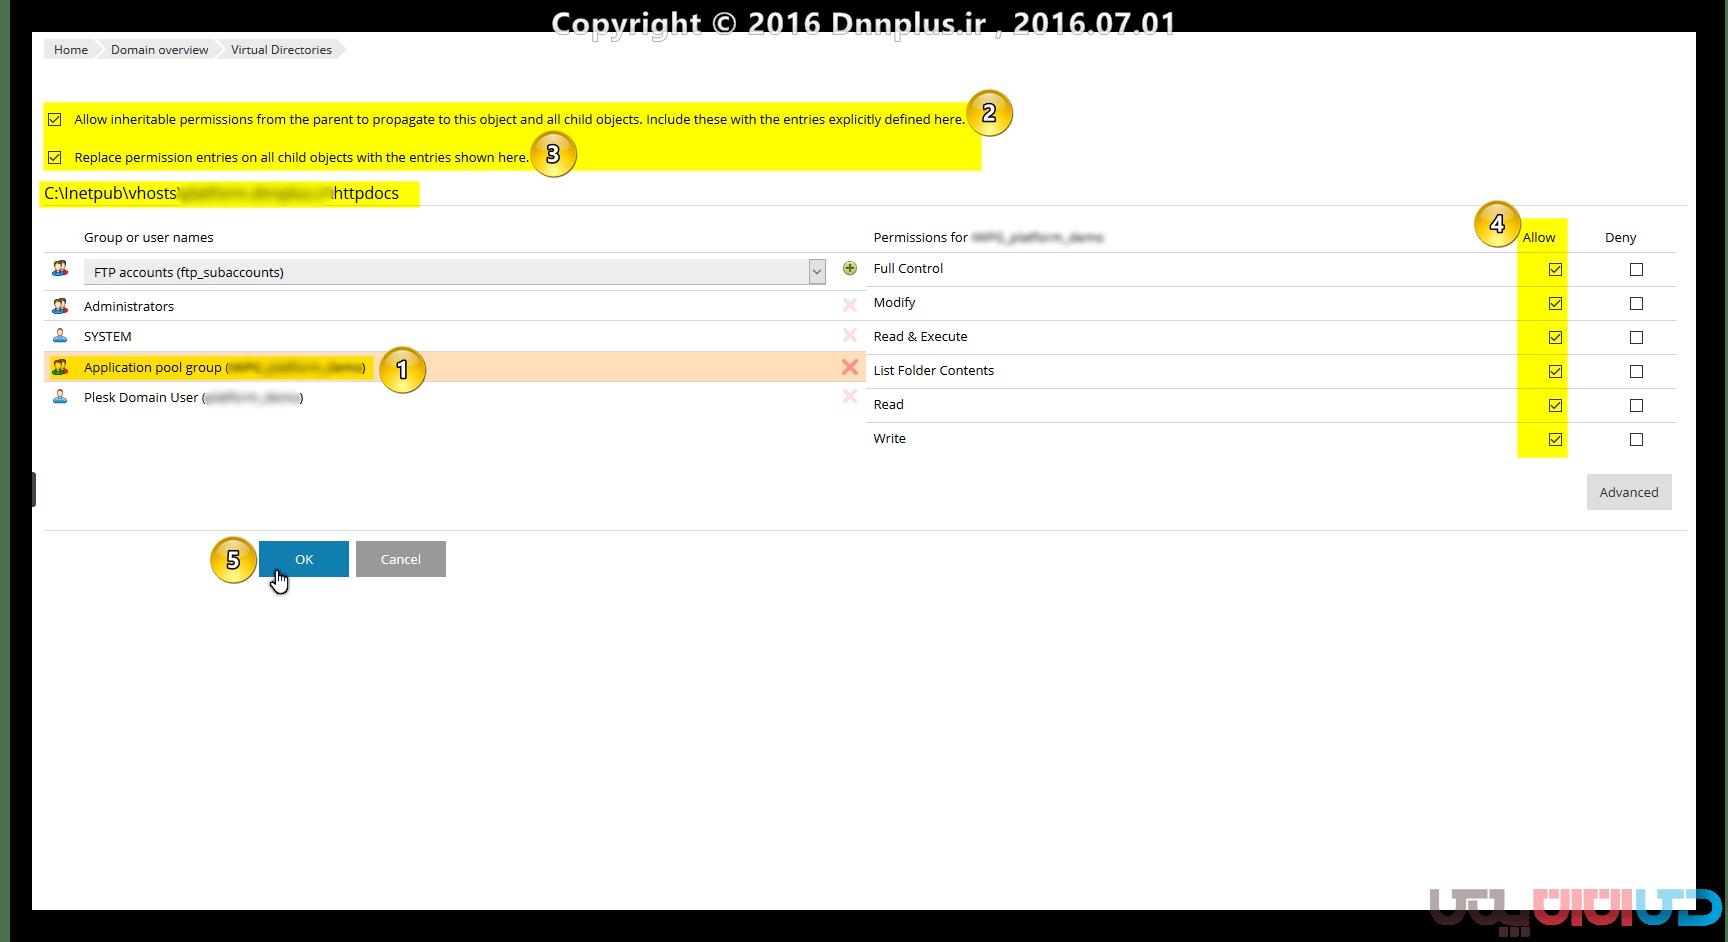 حق دسترسی به فایل